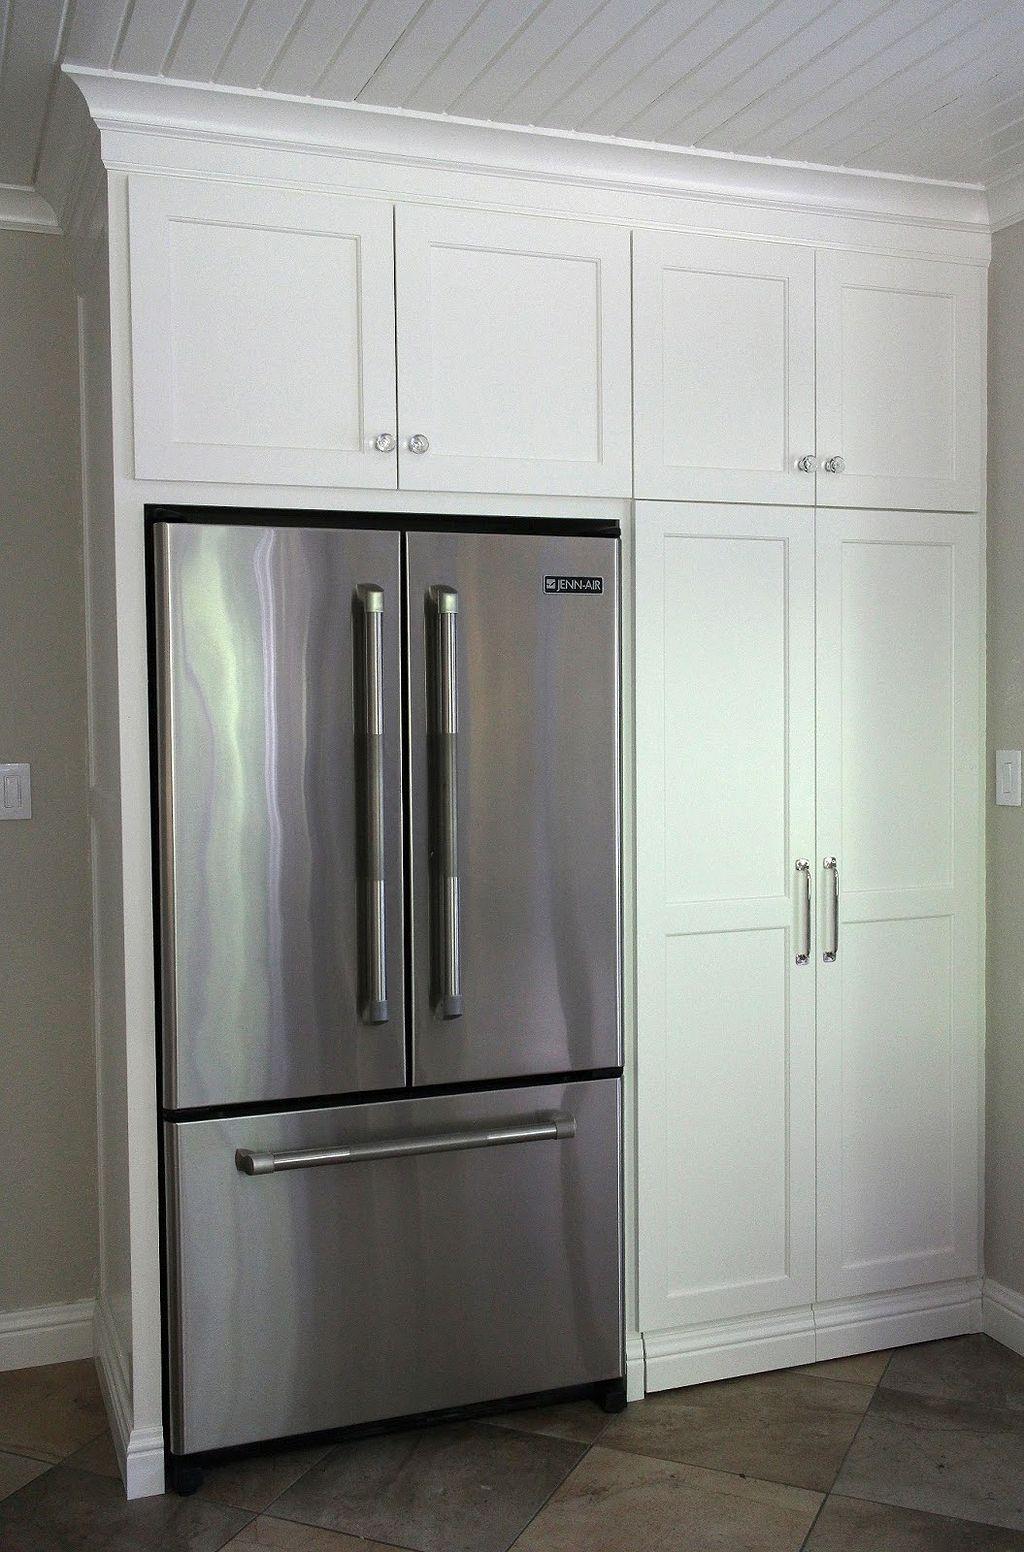 Built In Kitchen Pantry Around Refrigerator 2 Built In Pantry Kitchen Remodel Small Pantry Cabinet